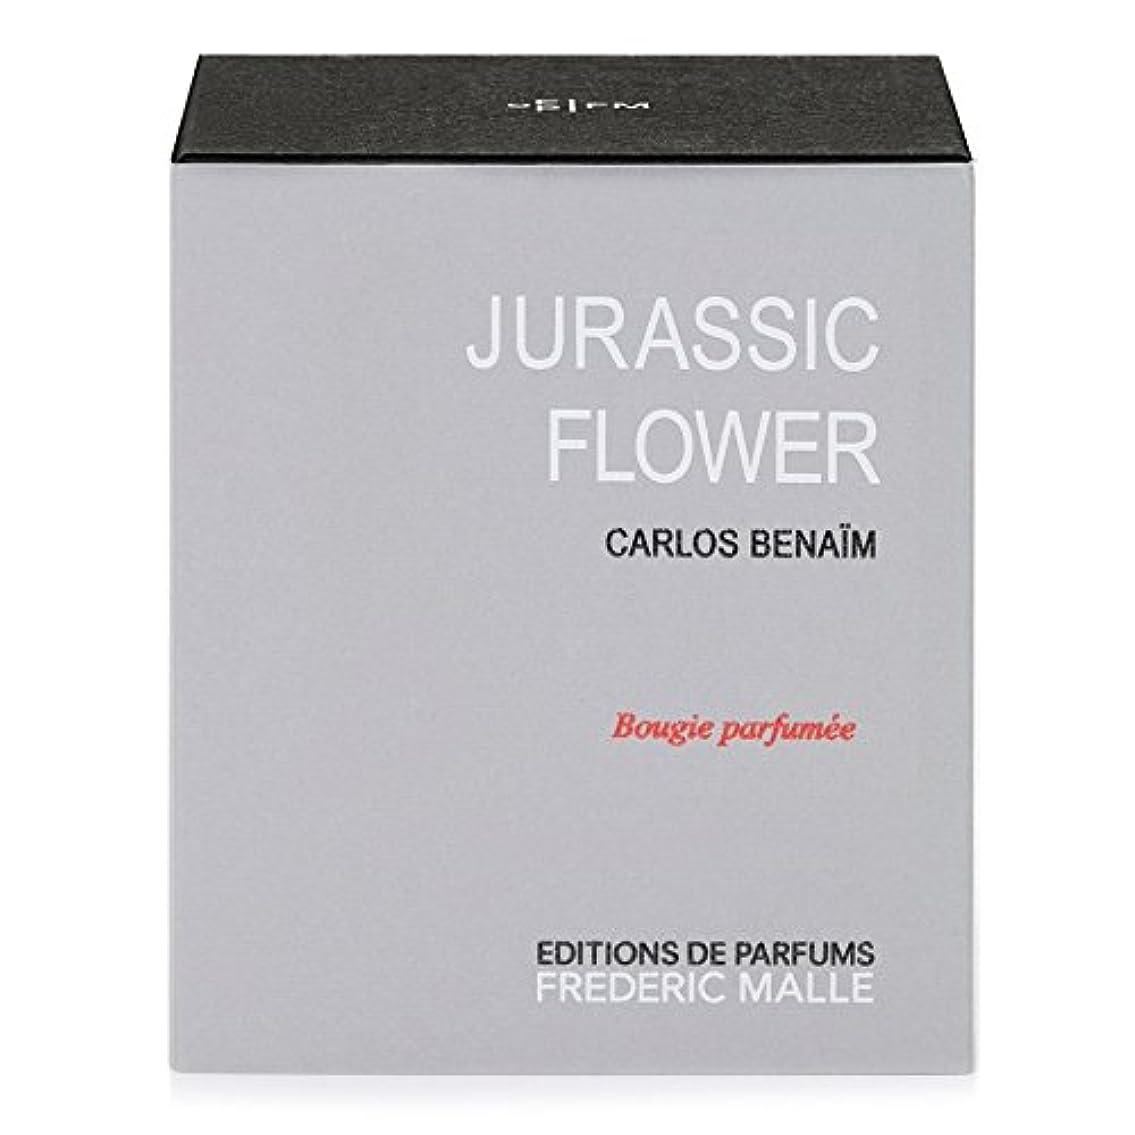 アームストロングリフレッシュポインタFrederic Malle Jurassic Flower Scented Candle 220g - フレデリック?マルジュラ紀の花の香りのキャンドル220グラム [並行輸入品]